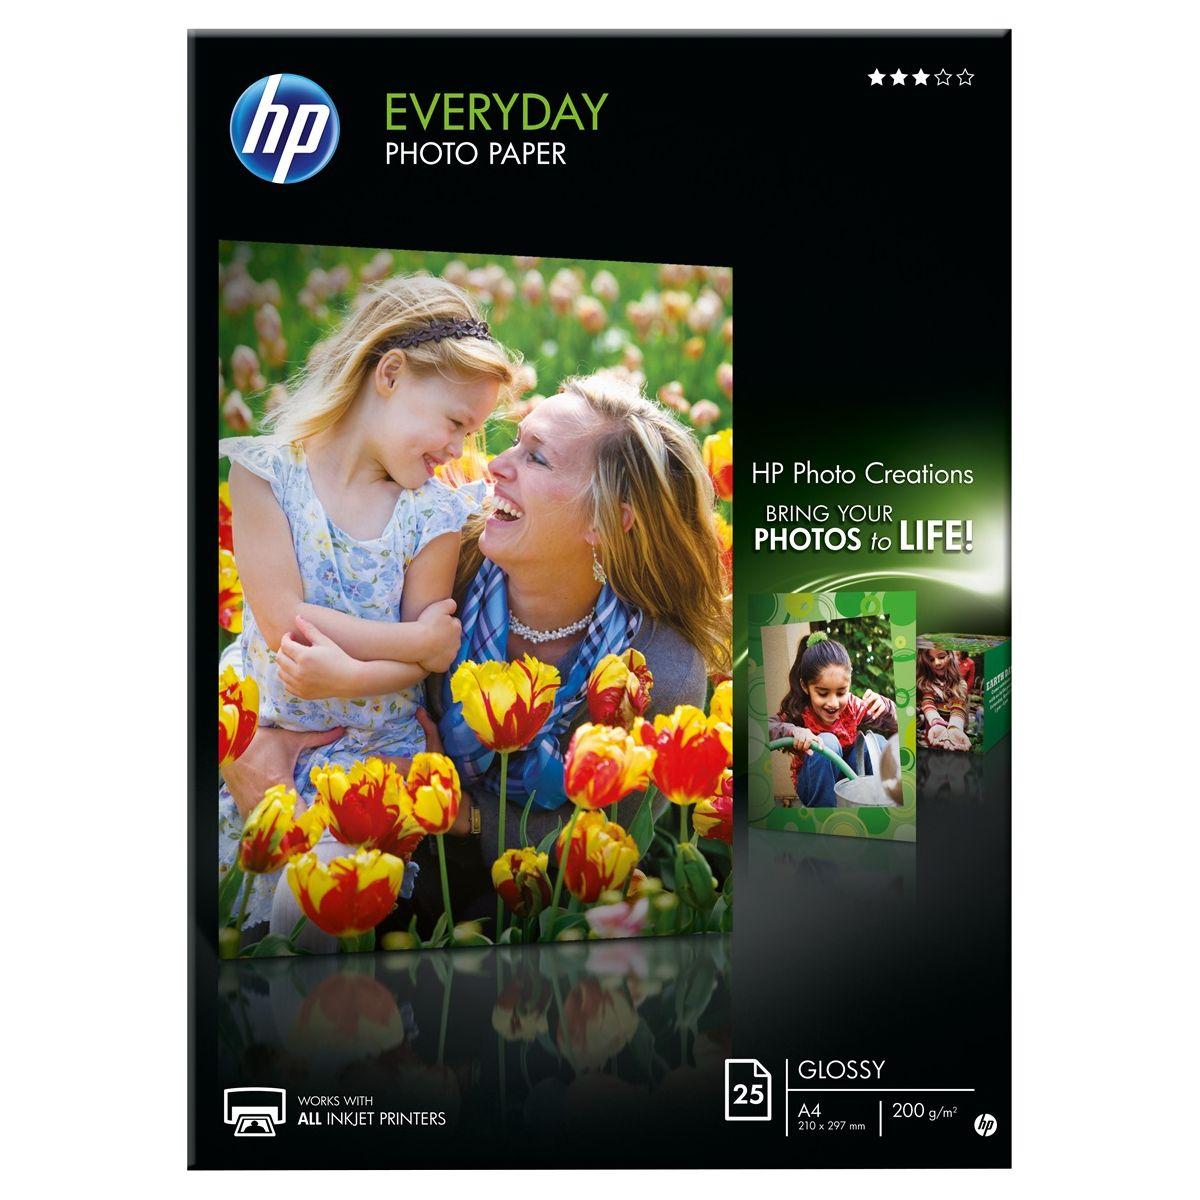 Papier photo hp q5451a- a4 170g semi-glacé 25 feuilles - 3% de remise immédiate avec le code : multi3 (photo)